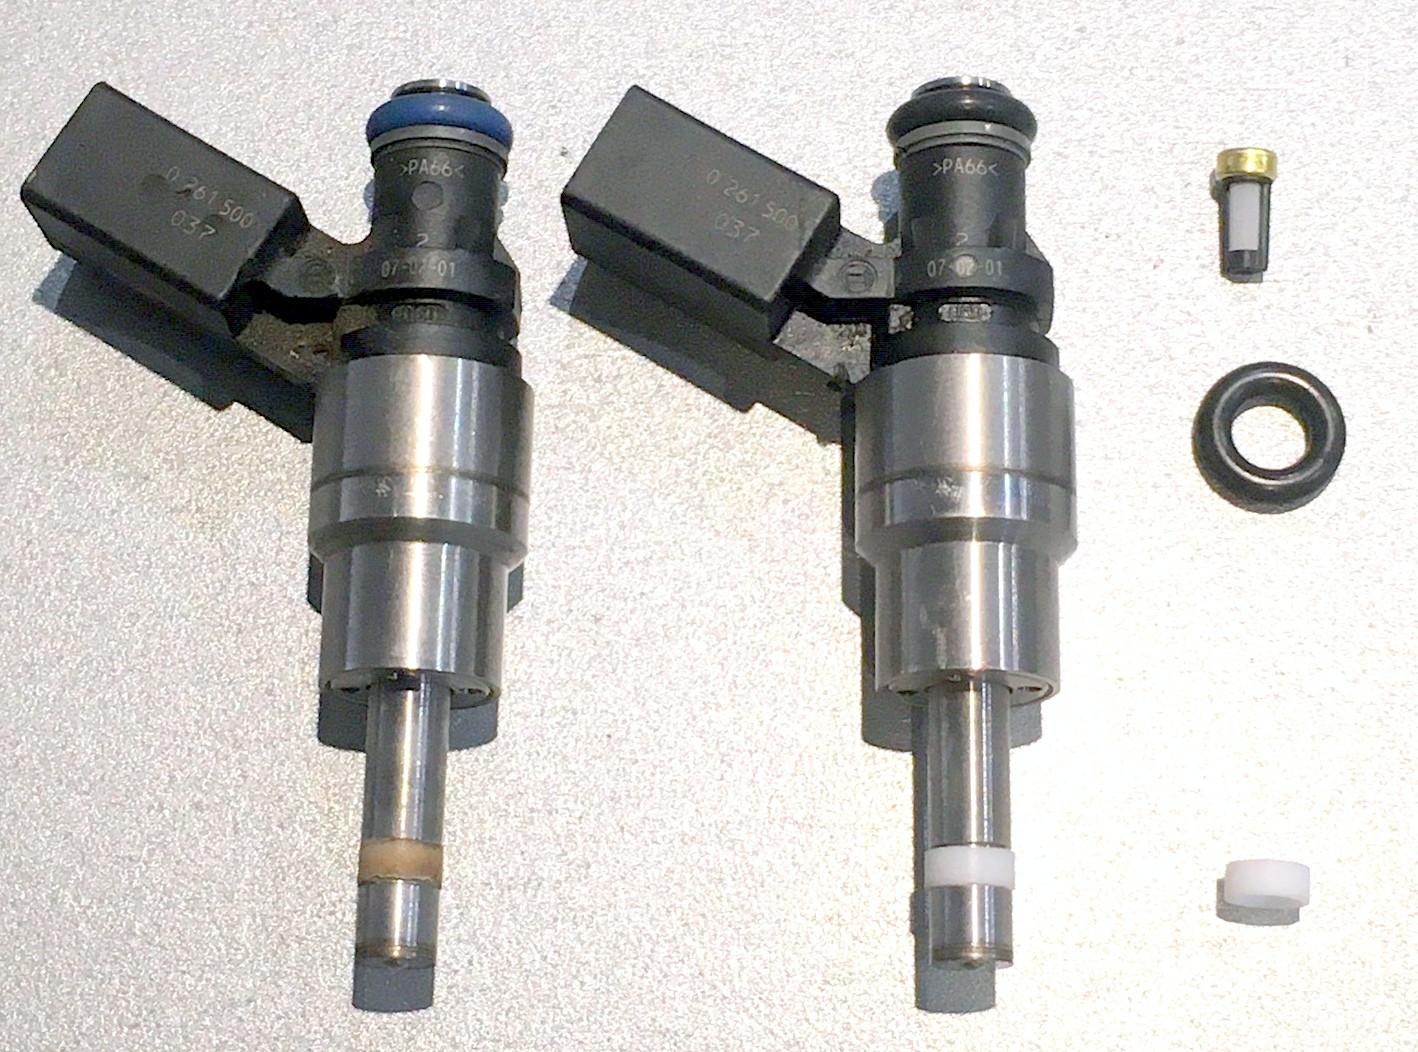 Nettoyage aux ultrasons et reconditionnement de vos injecteurs direct essence ( TFSI, TSI, THP, TCE ...)